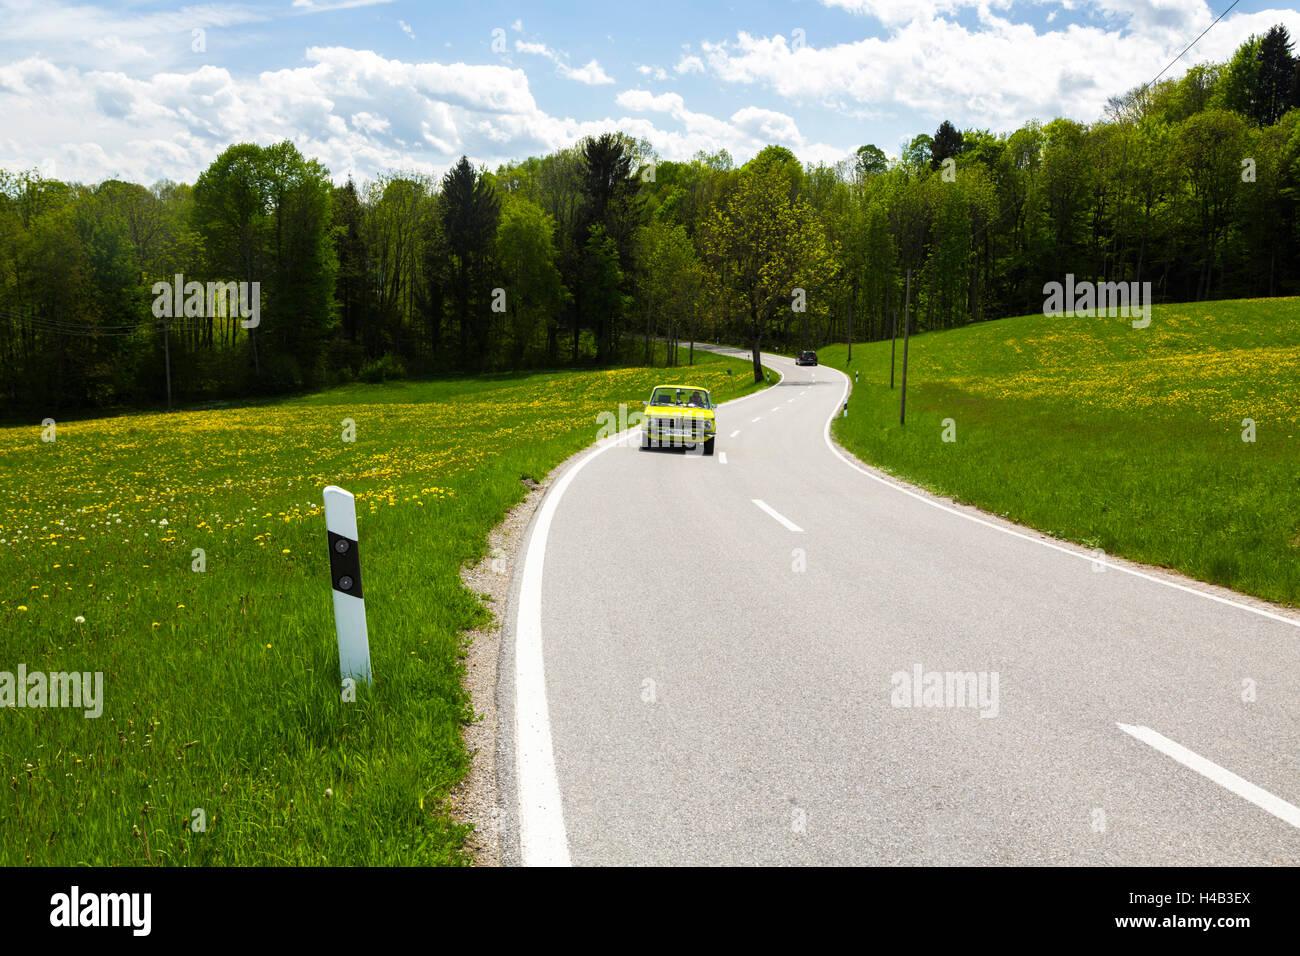 Deutschland, Bayern, grünes Auto fahren auf der Landstraße im Frühjahr Stockbild